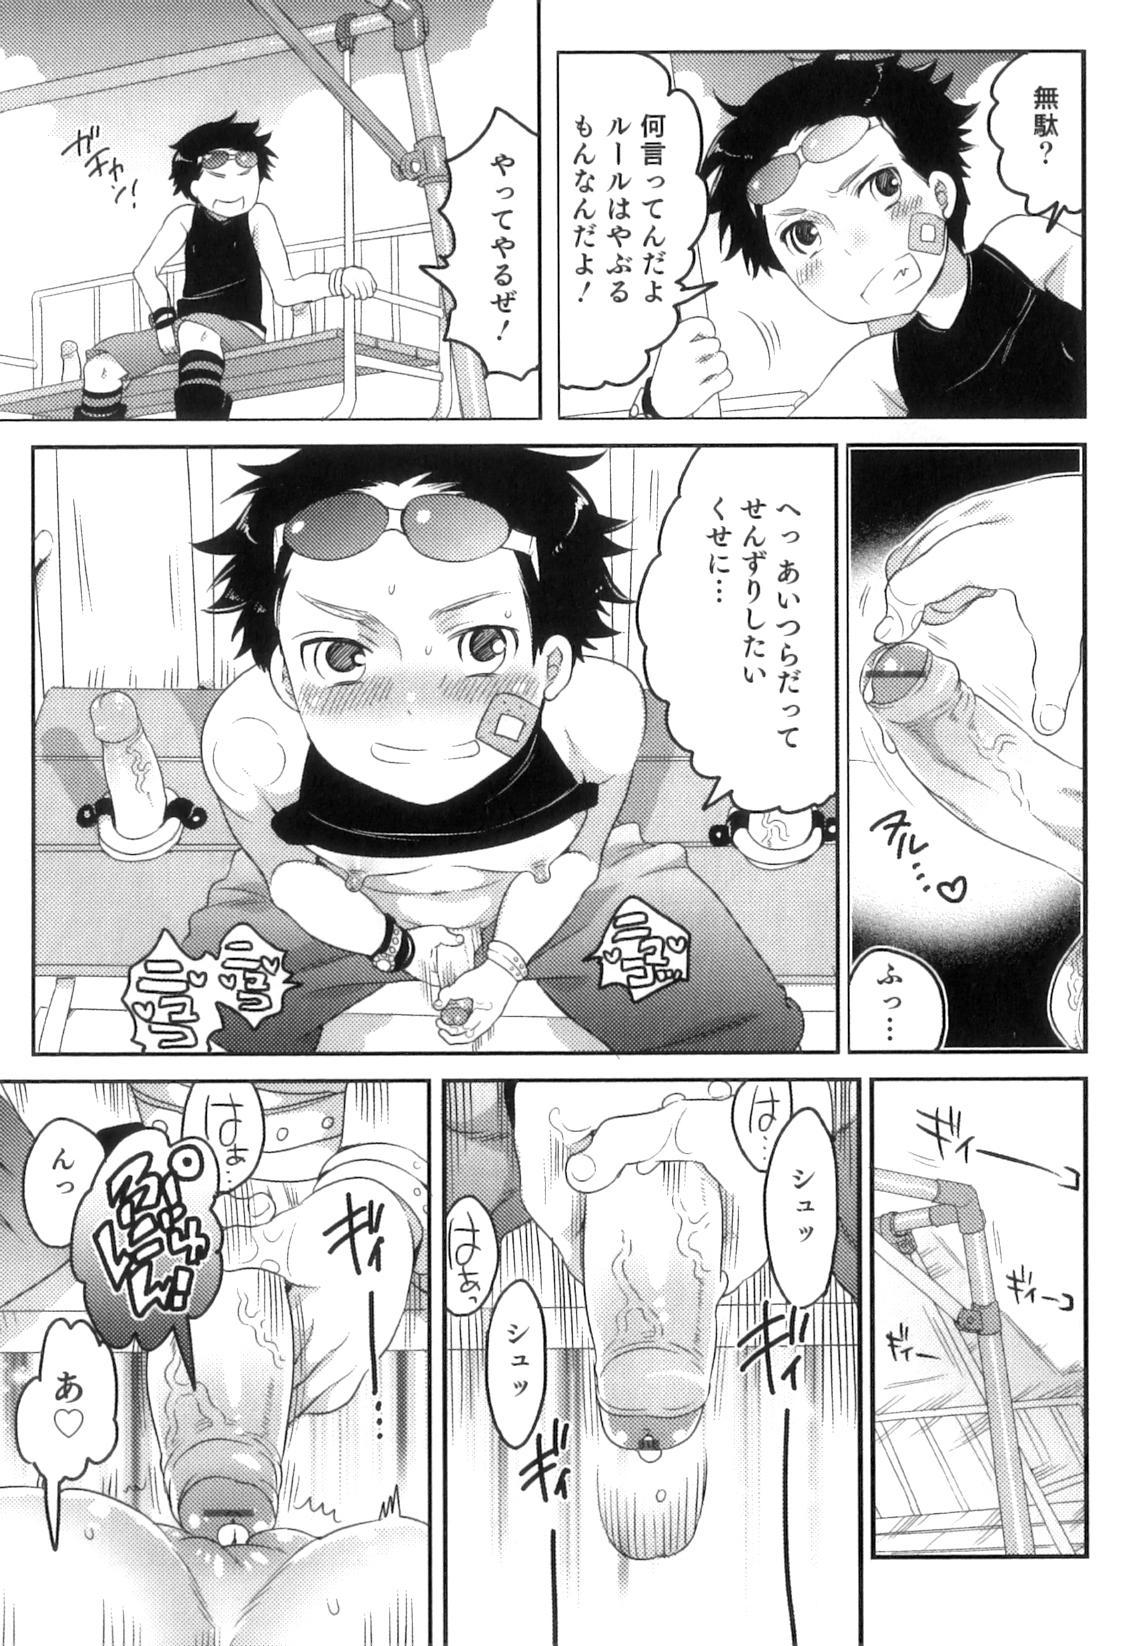 Otokonoko Heaven Vol. 09 89